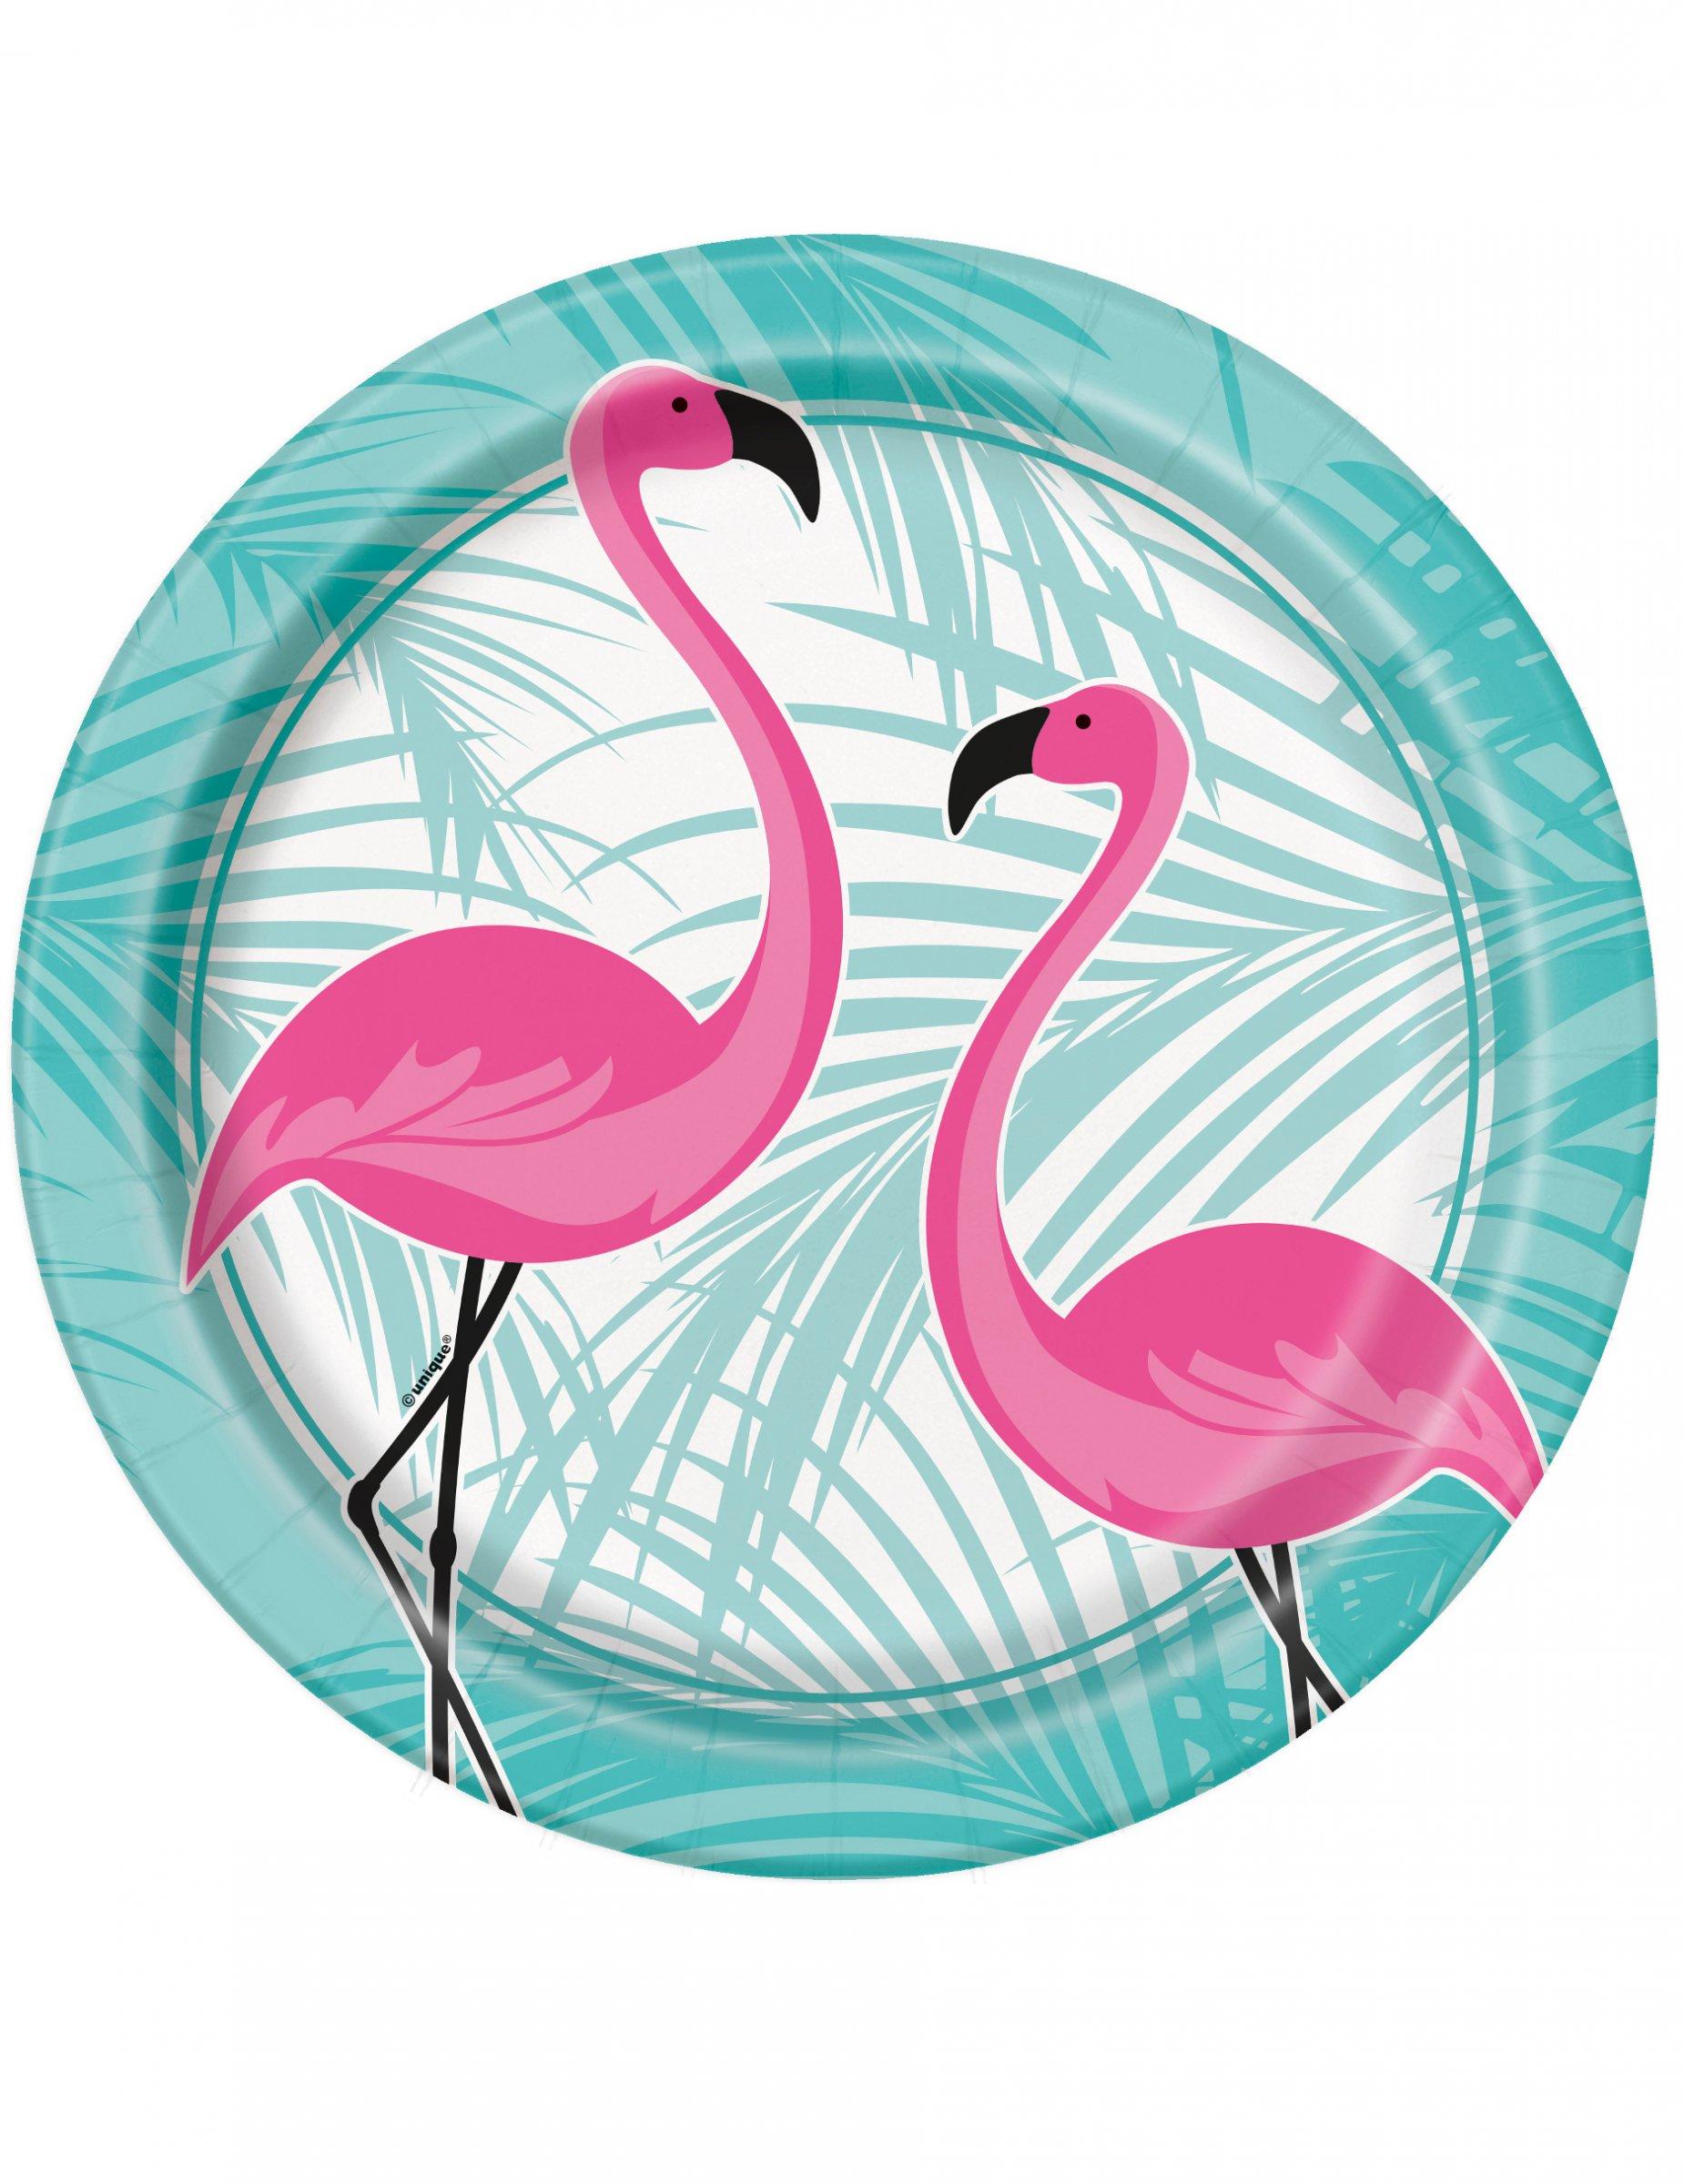 8 assiettes en carton flamant rose 22 cm deguise toi achat de decoration - Decoration flamant rose ...